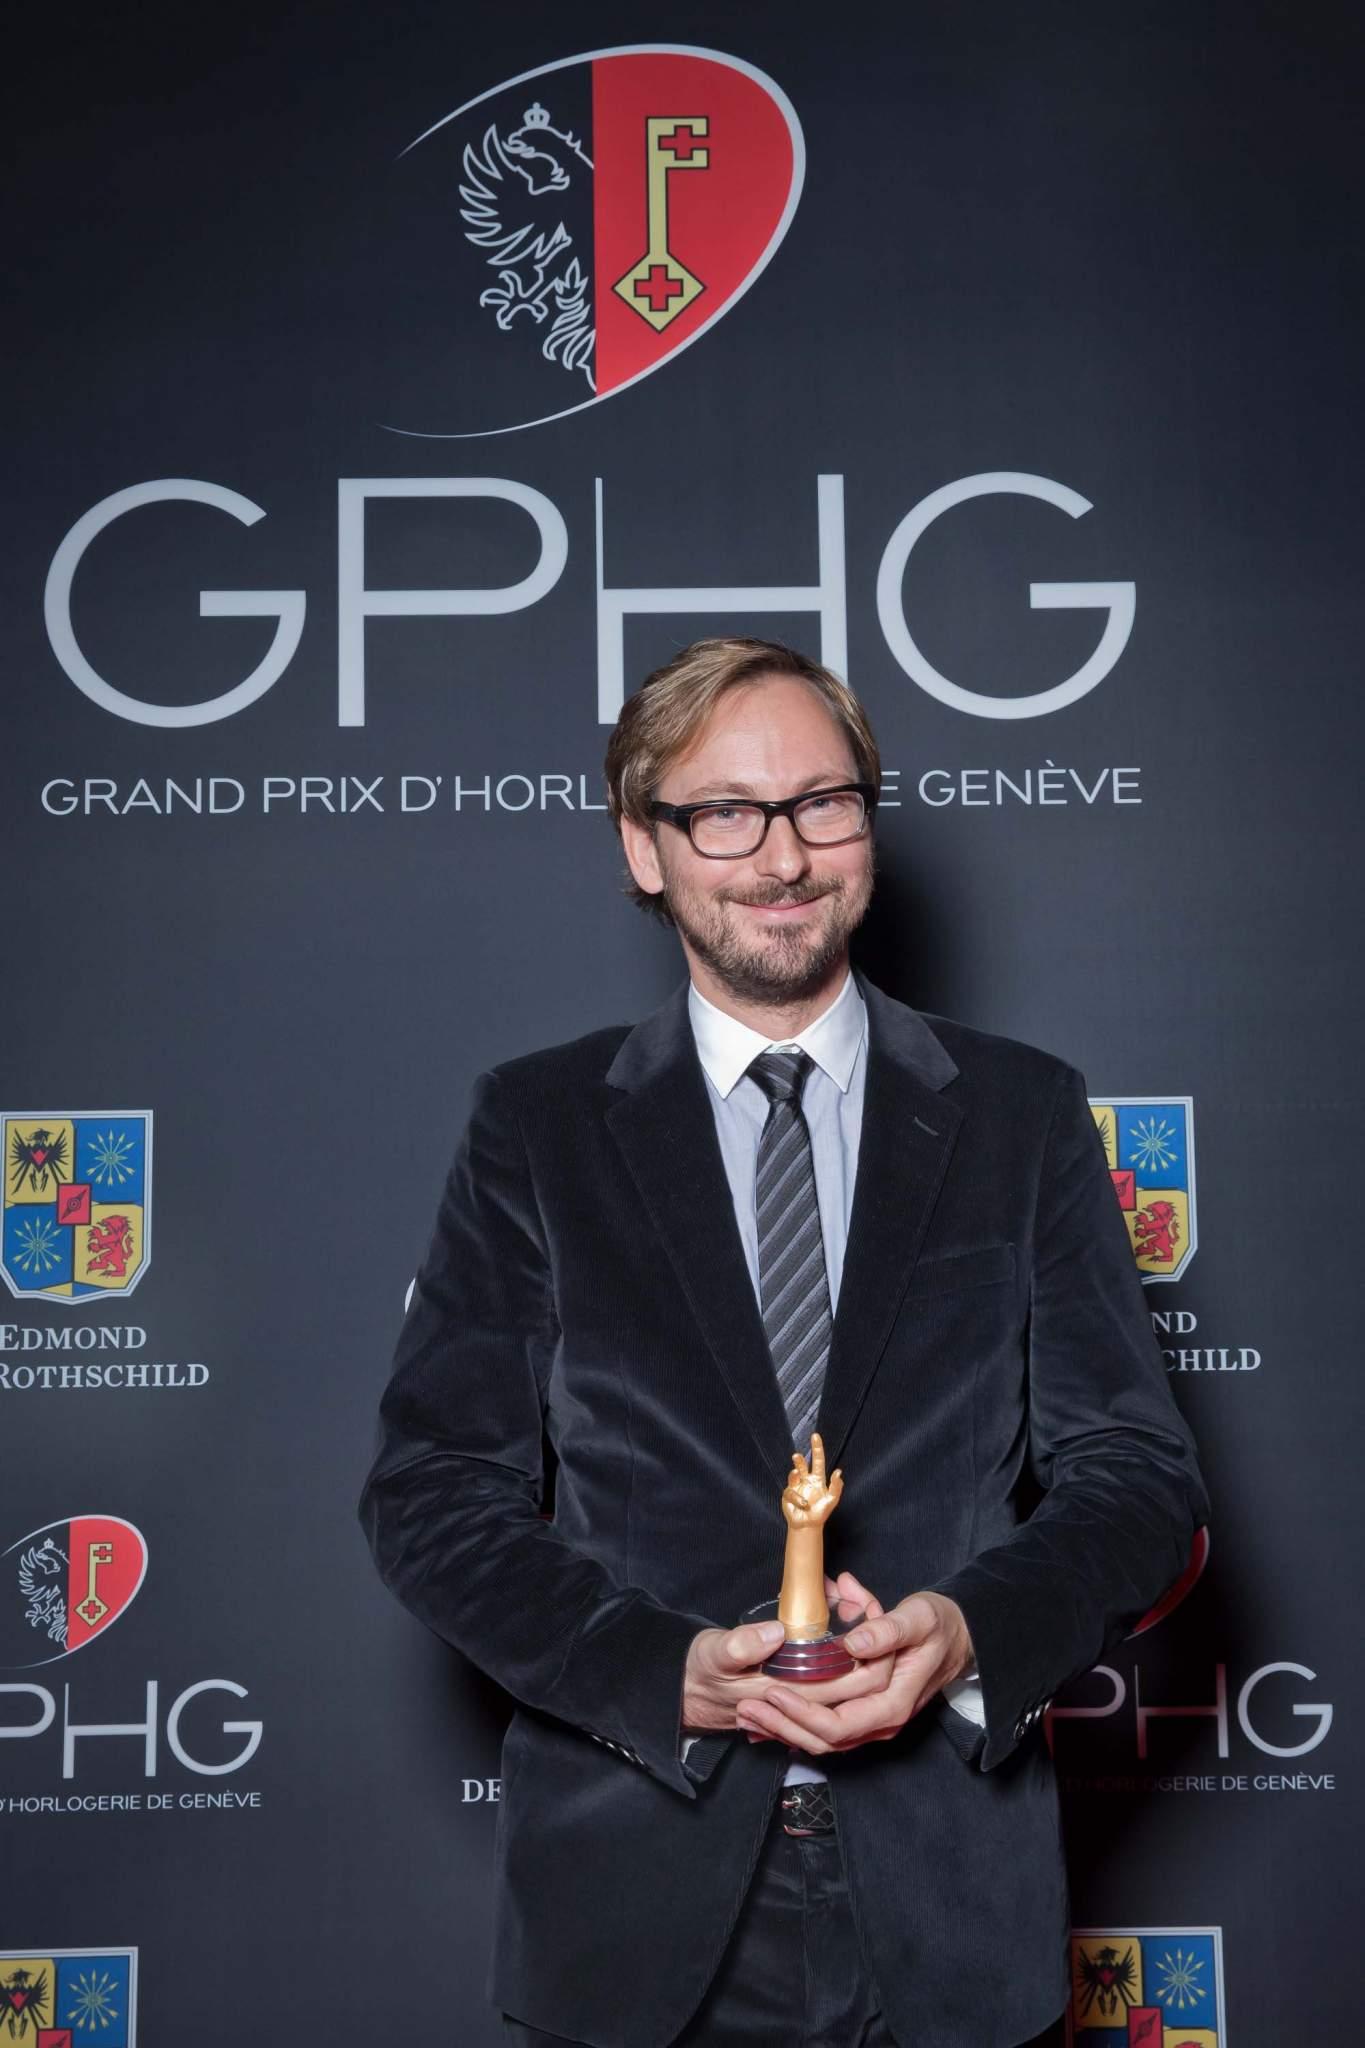 Nicolas Bos, CEO of Van Cleef & Arpels, winner of Ladies' Complications Watch Prize 2013